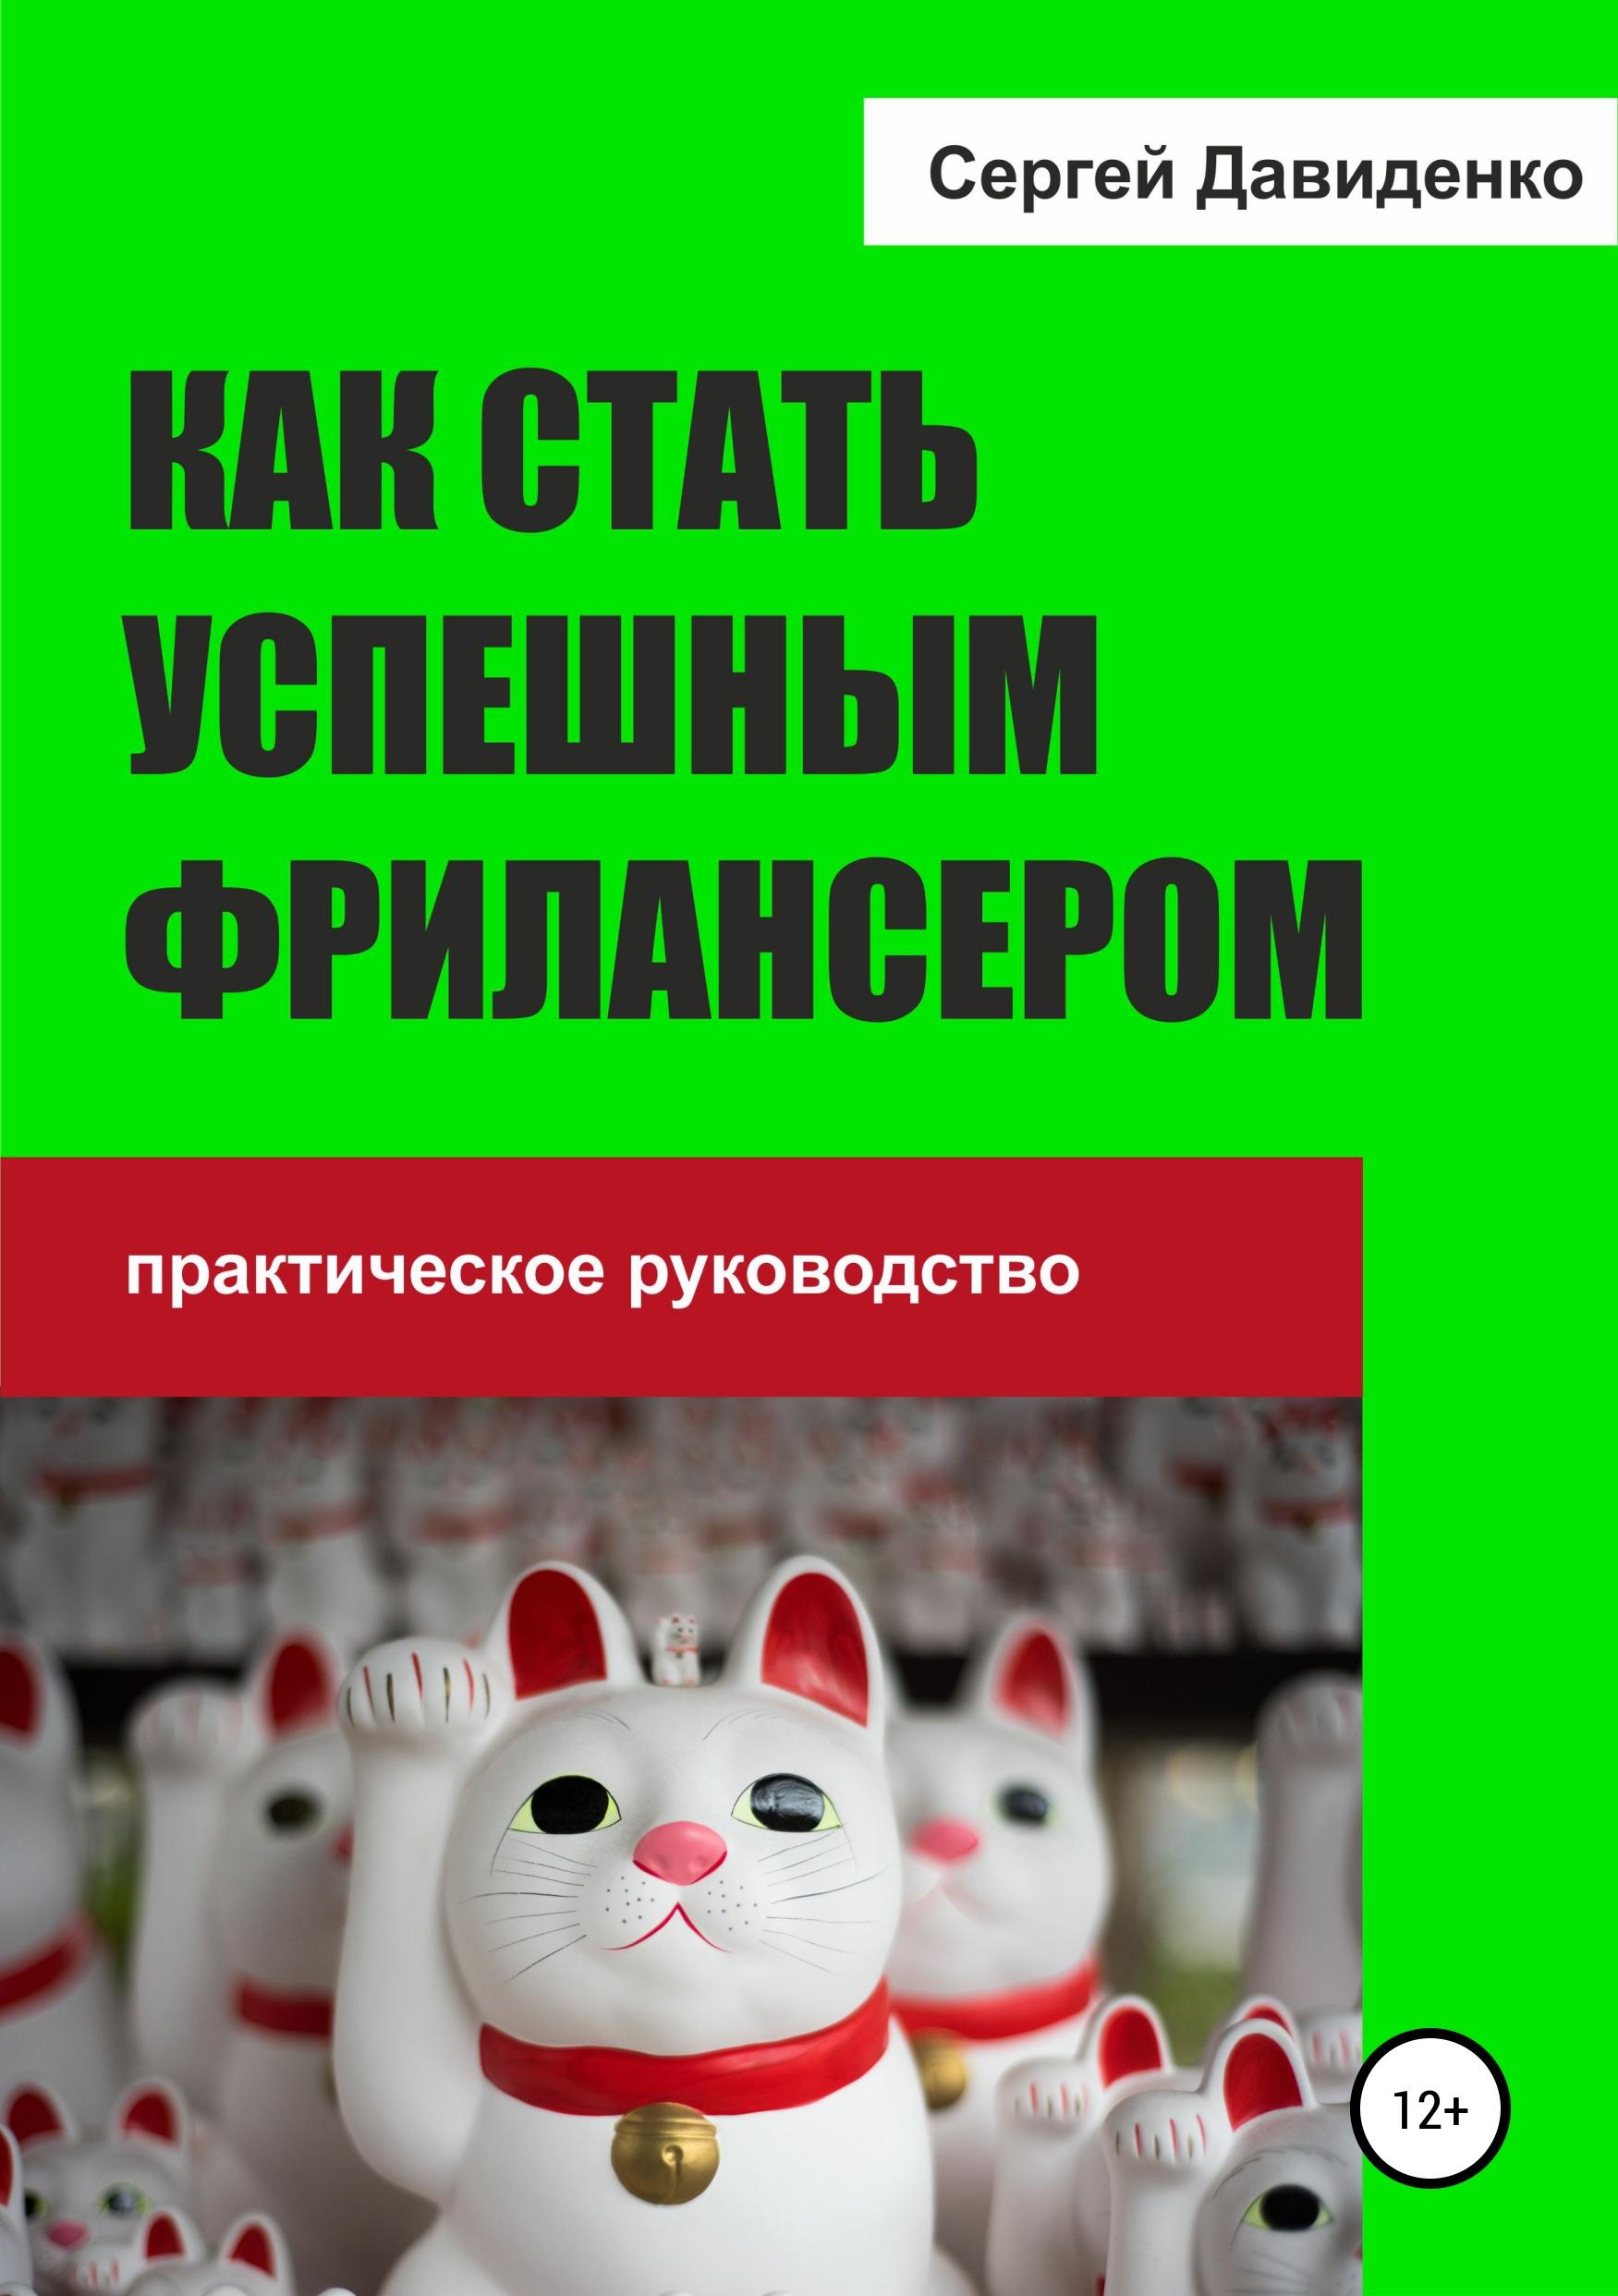 Обложка книги. Автор - Сергей Давиденко